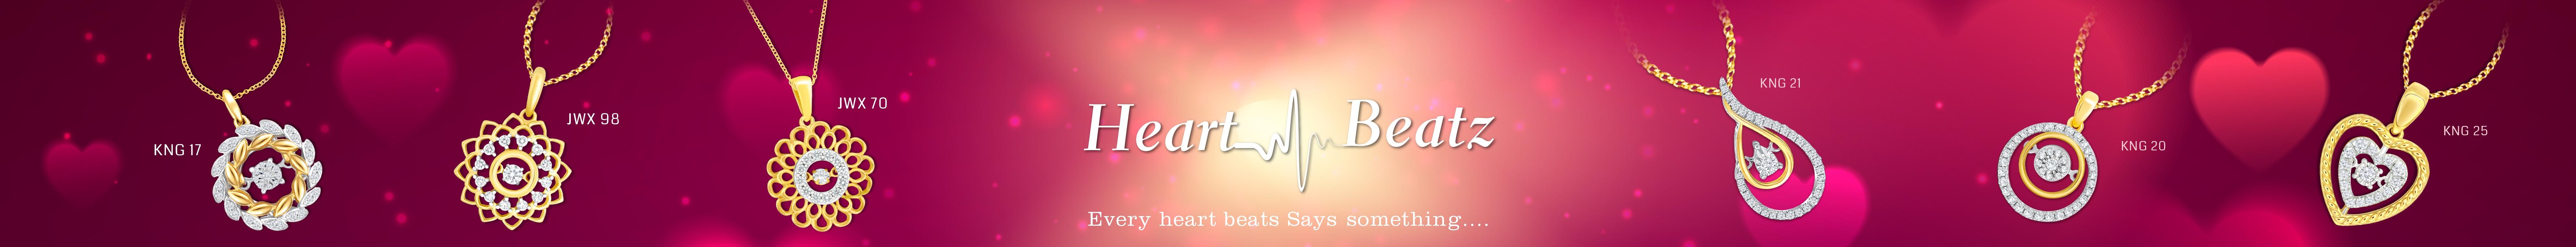 HEART BEATZ